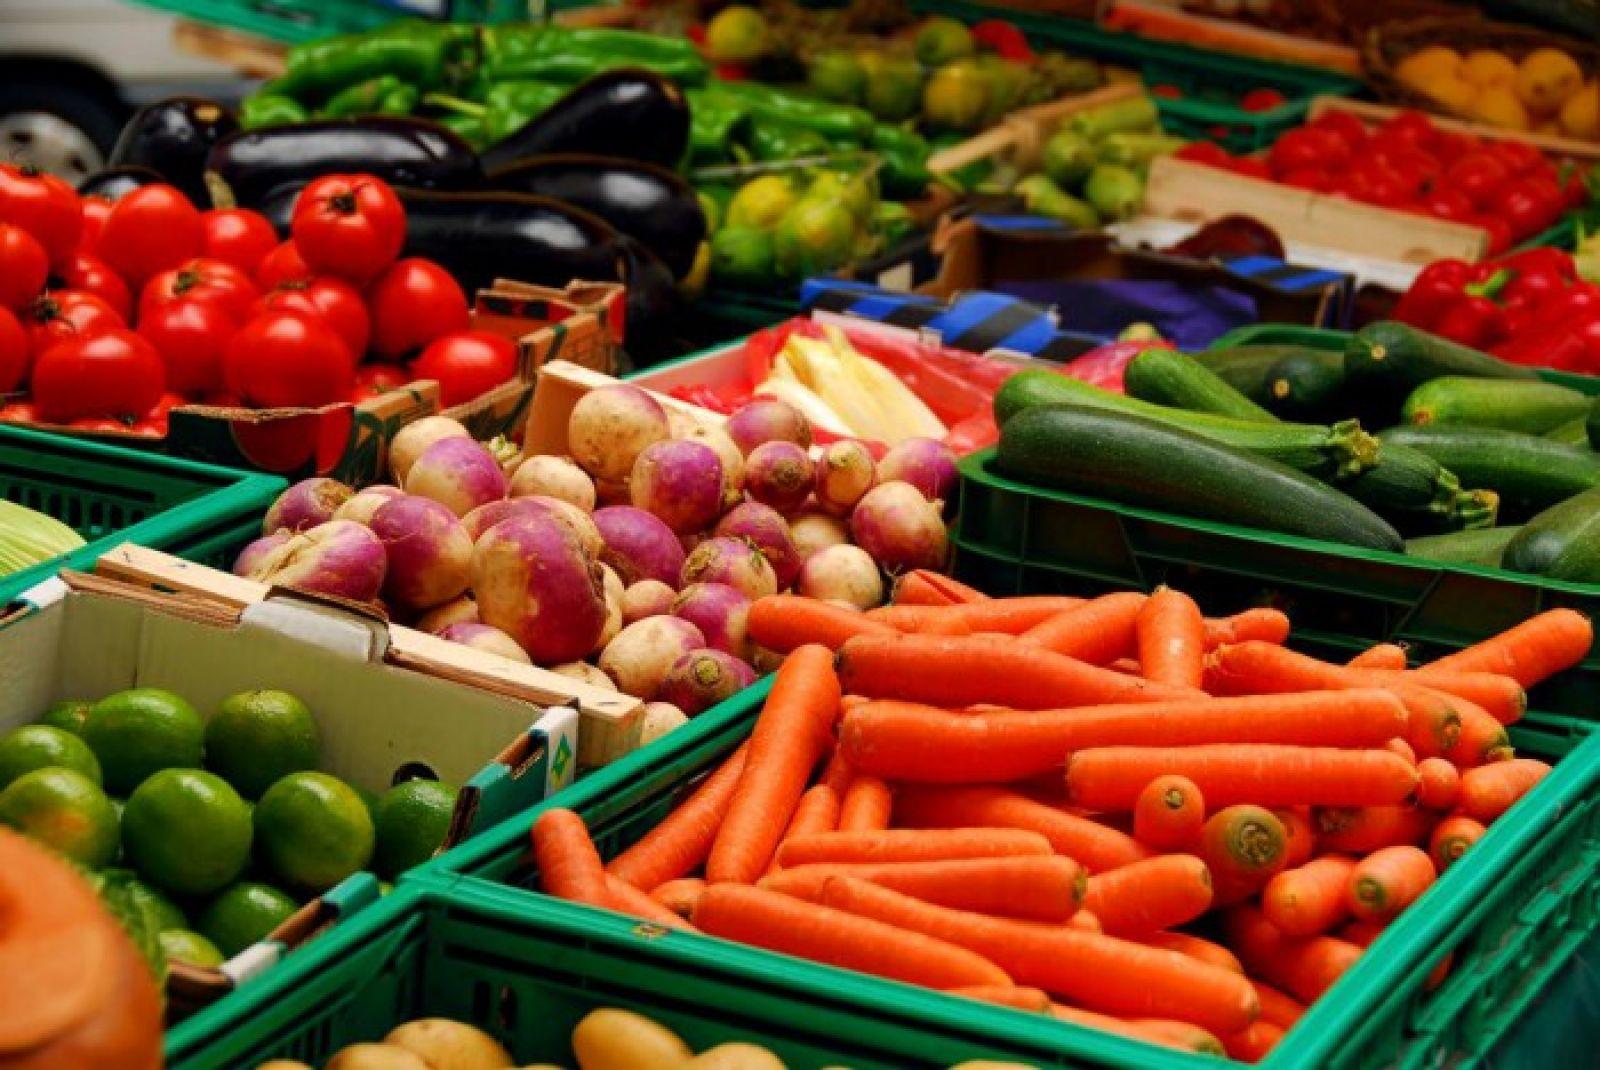 Цены на продукты вырастут – в Украине дефицит продовольствия